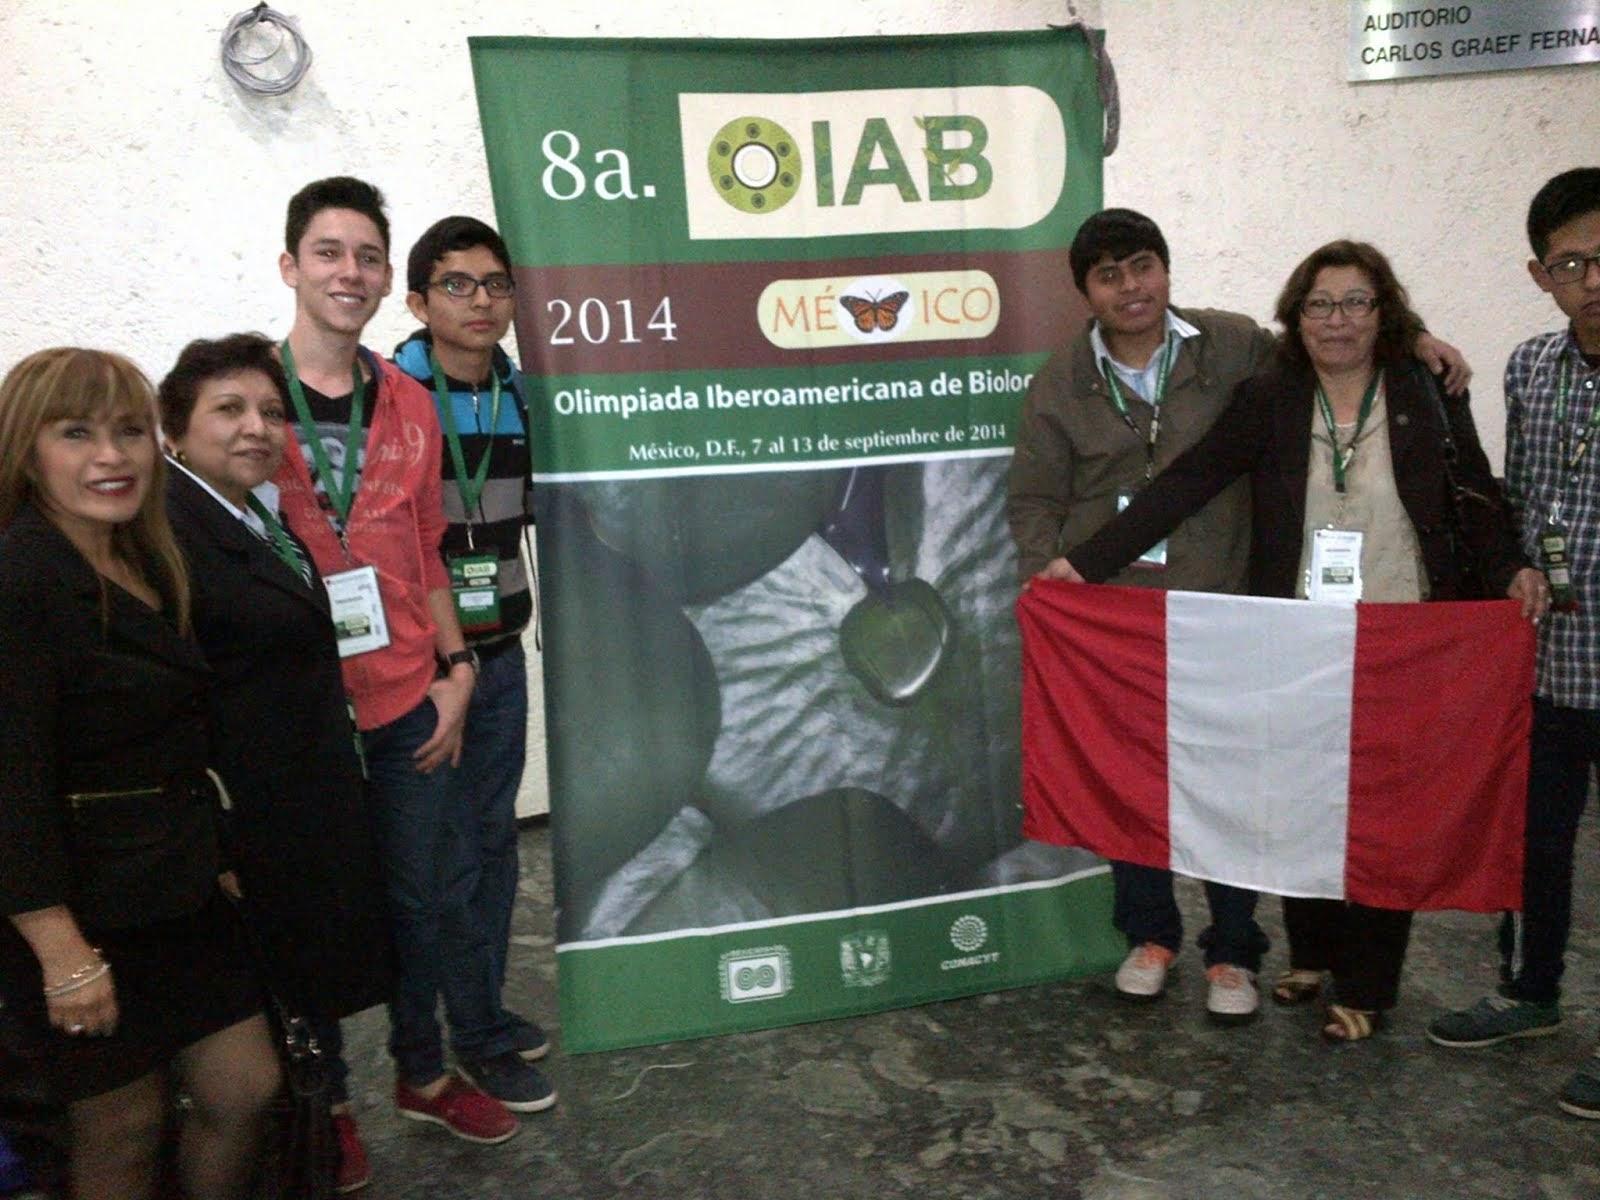 8va OLIMPIADA IBEROAMERICANA DE BIOLOGÍA OIAB MÉXICO 2014.